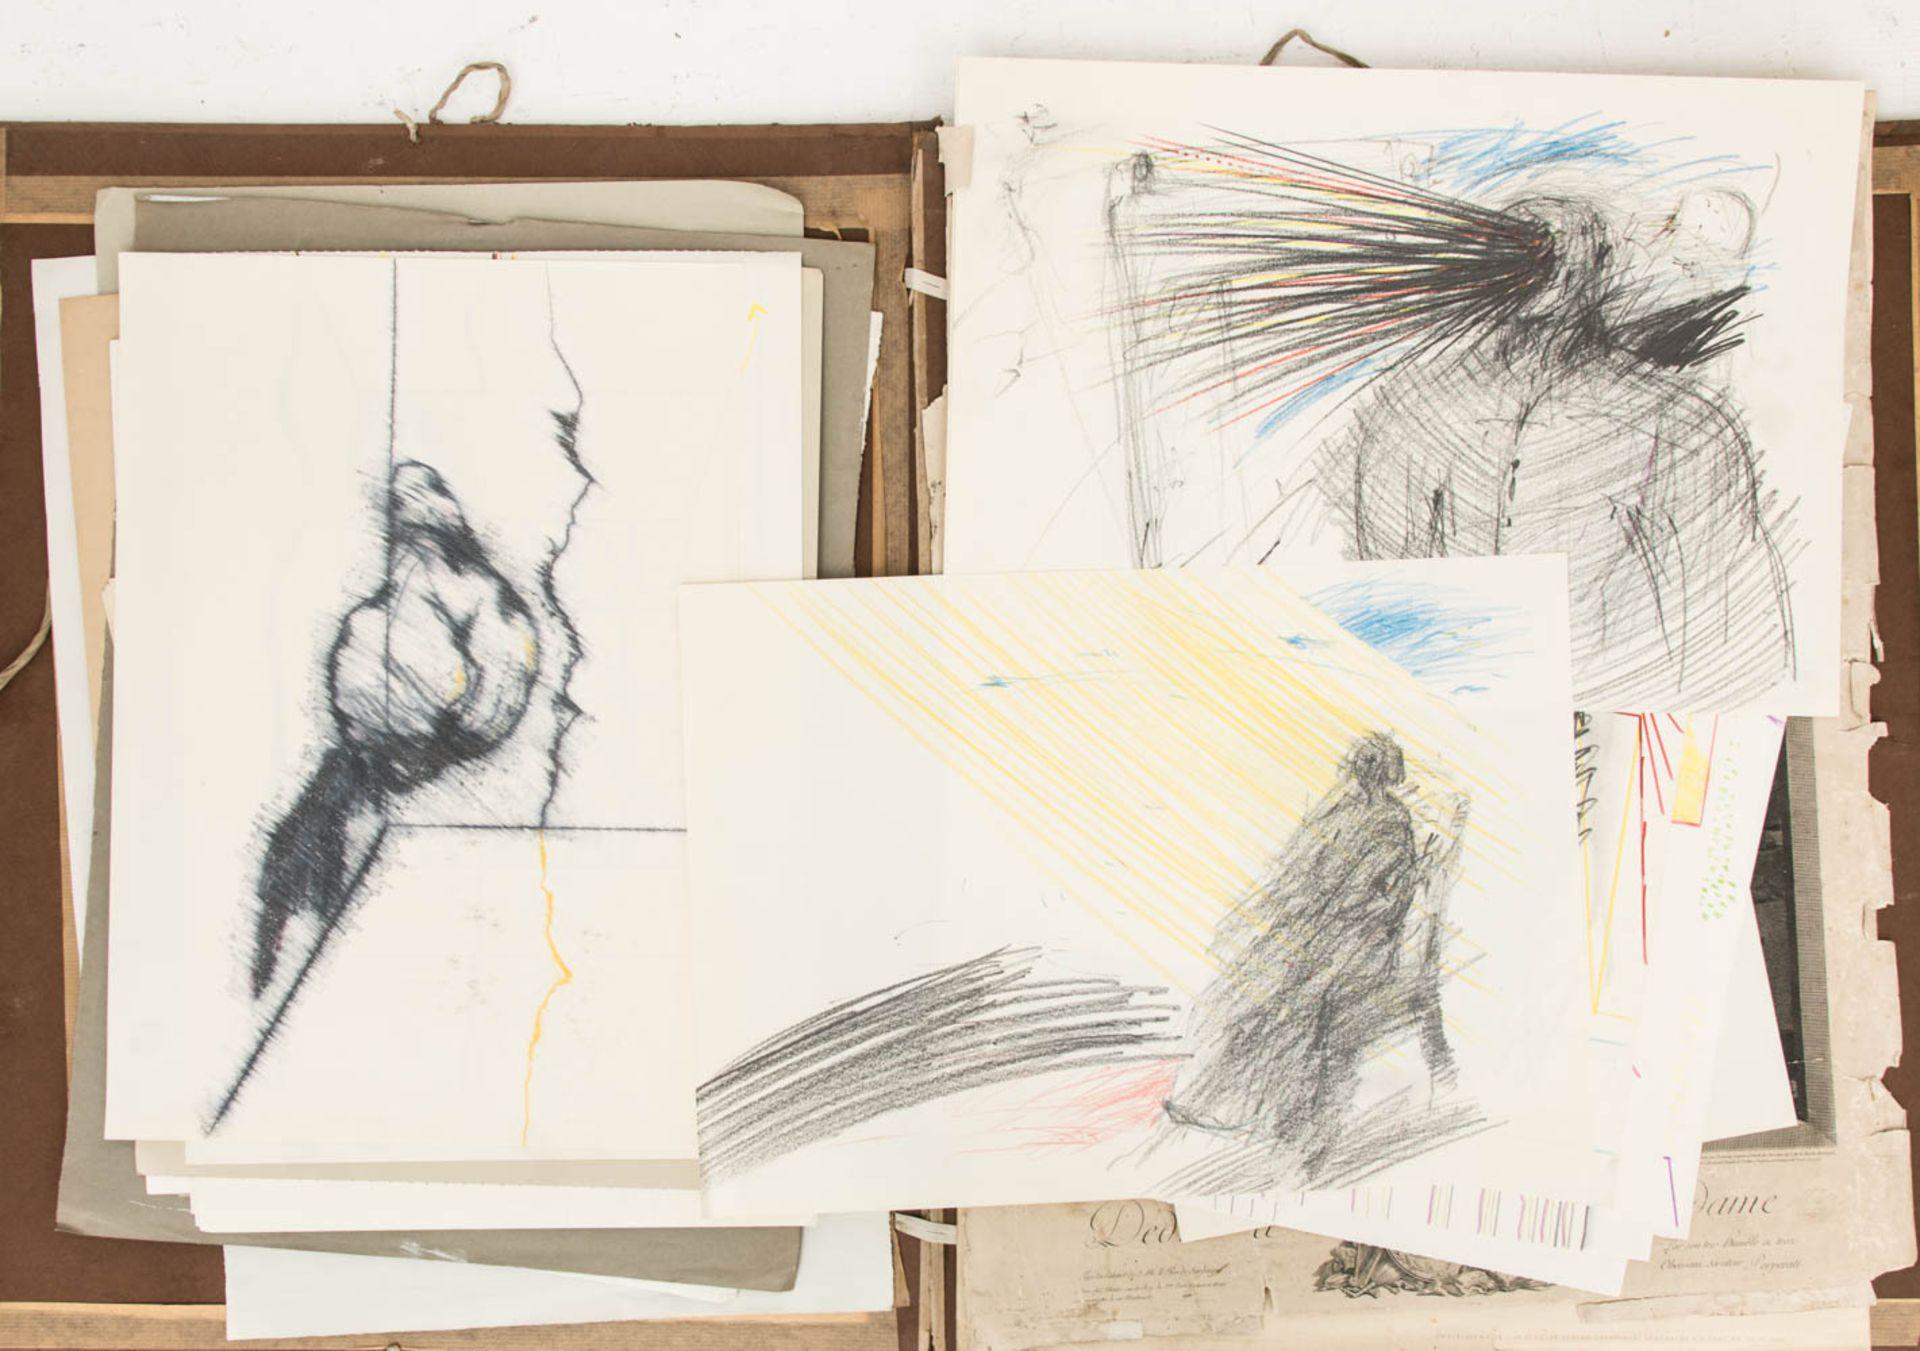 Franz Dreyer, Zwei Grafikmappen, Mischtechniken, Stuttgart 20. Jh.Zwei Mappen mit Akts - Bild 3 aus 3